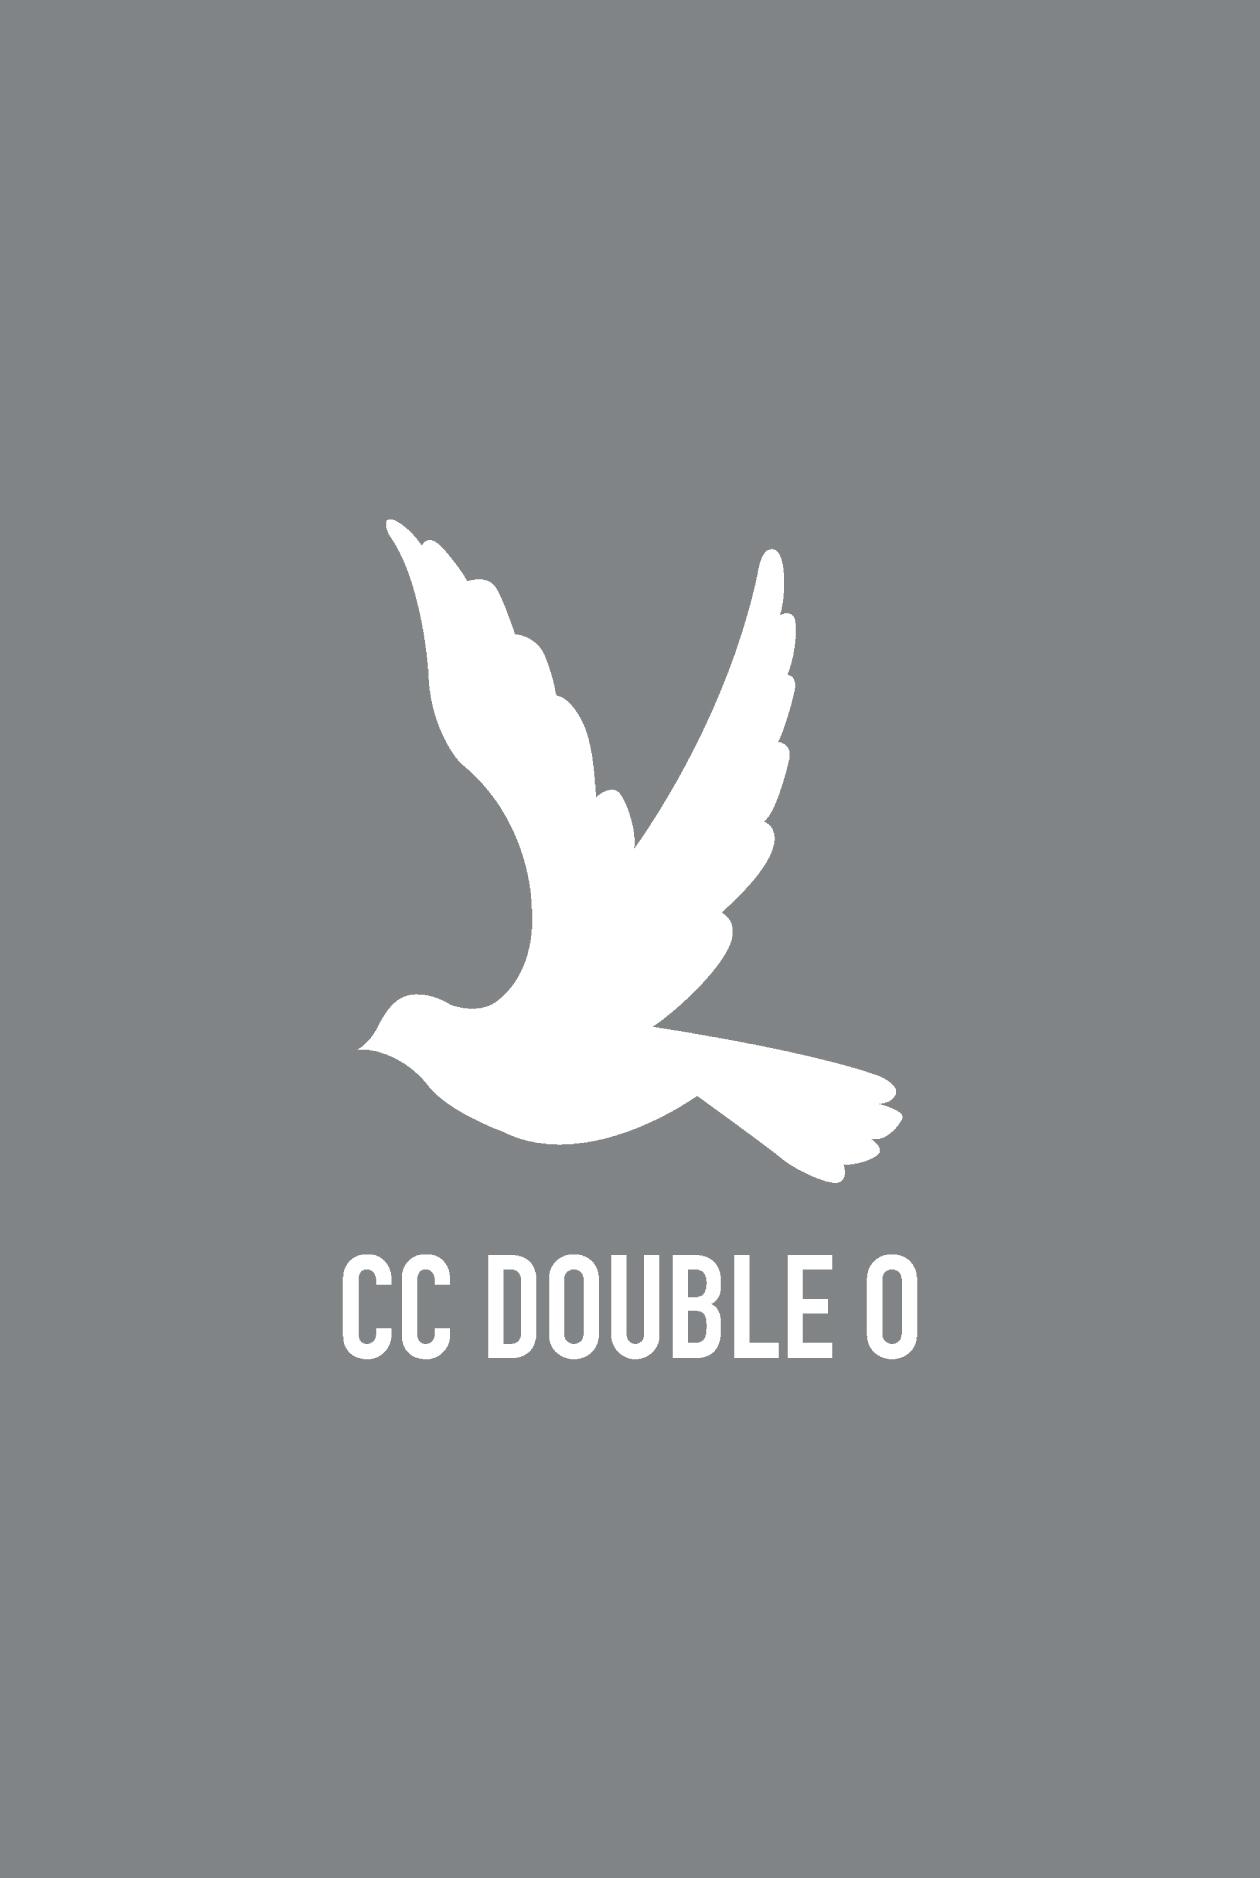 CC DOUBLE O Double Wrap Adjustable Bracelet